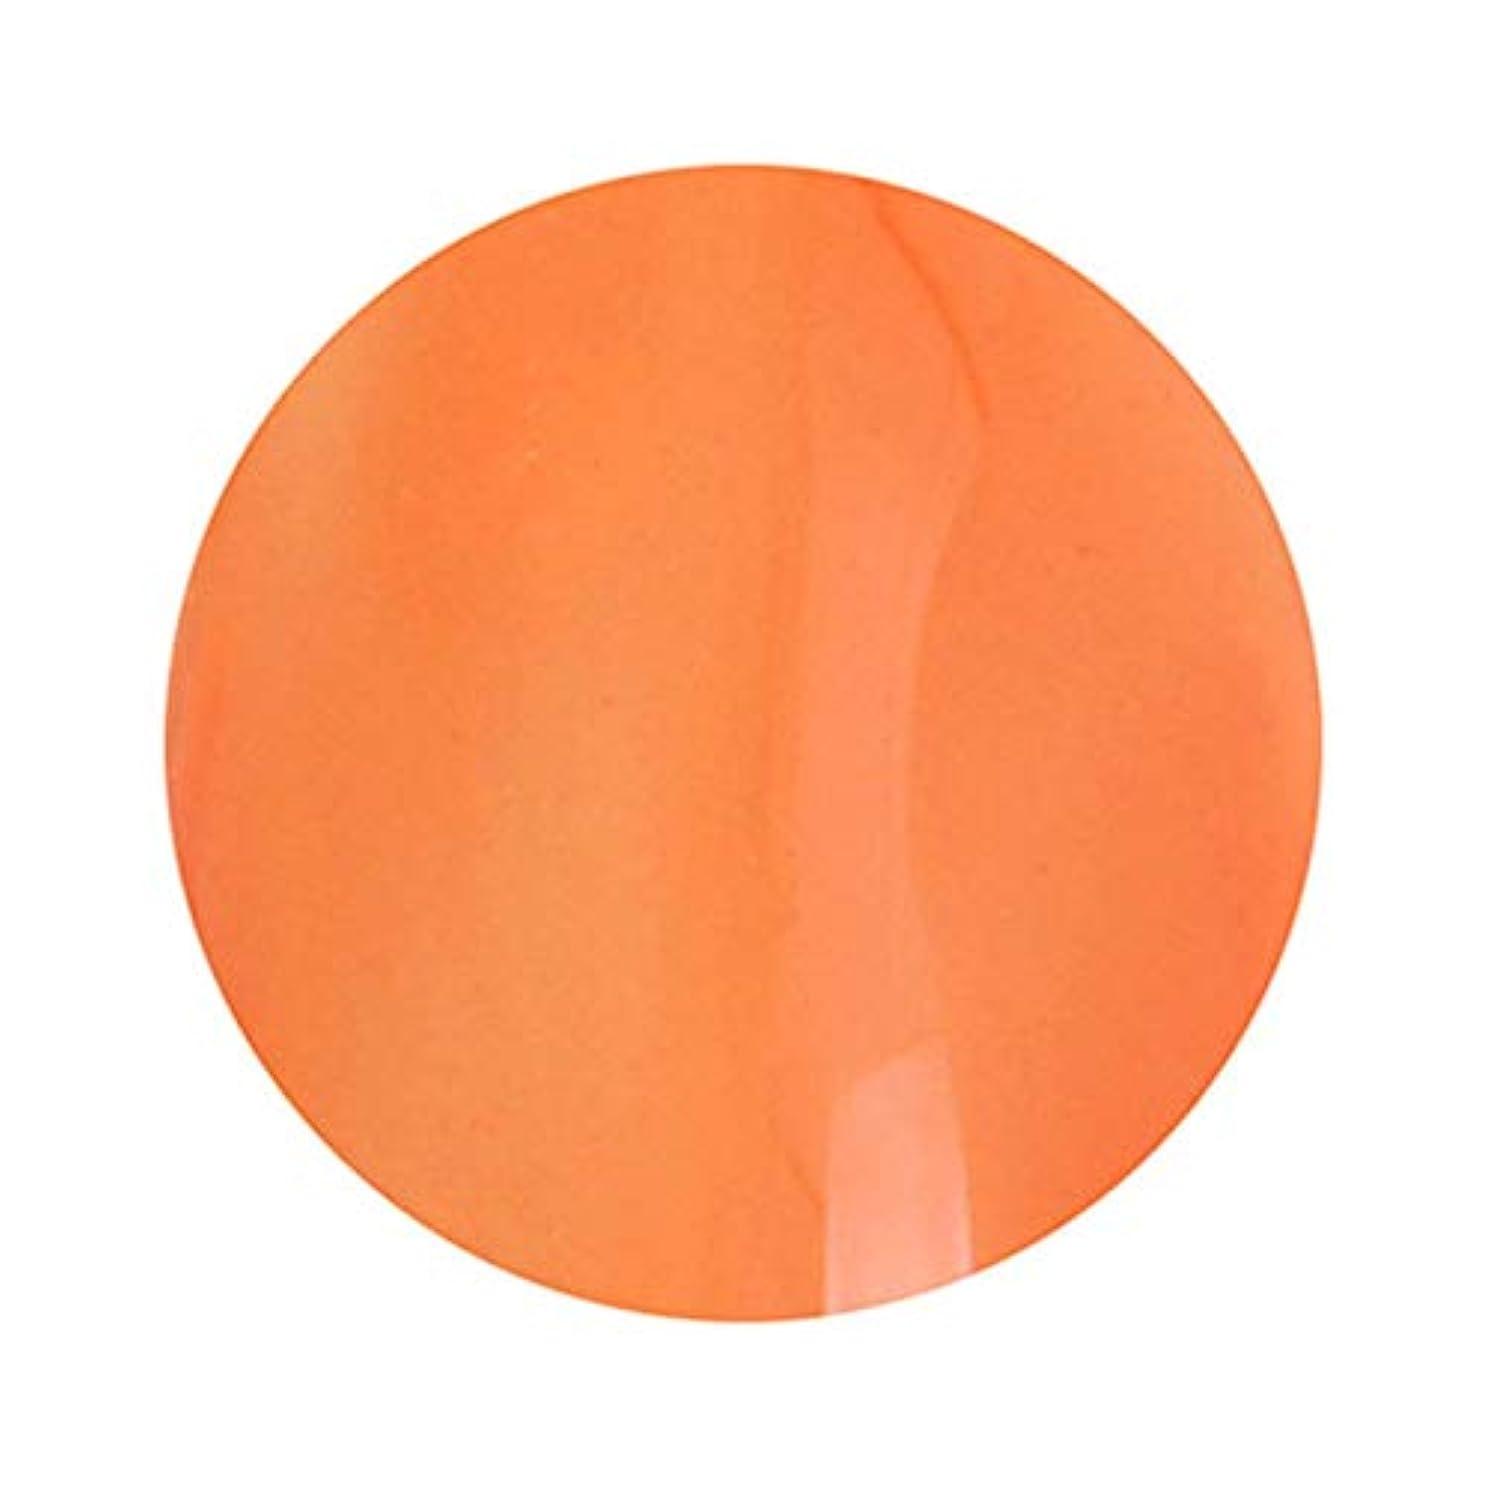 離す認証柱T-GEL COLLECTION ティージェルコレクション カラージェル D235 クリアダークオレンジ 4ml